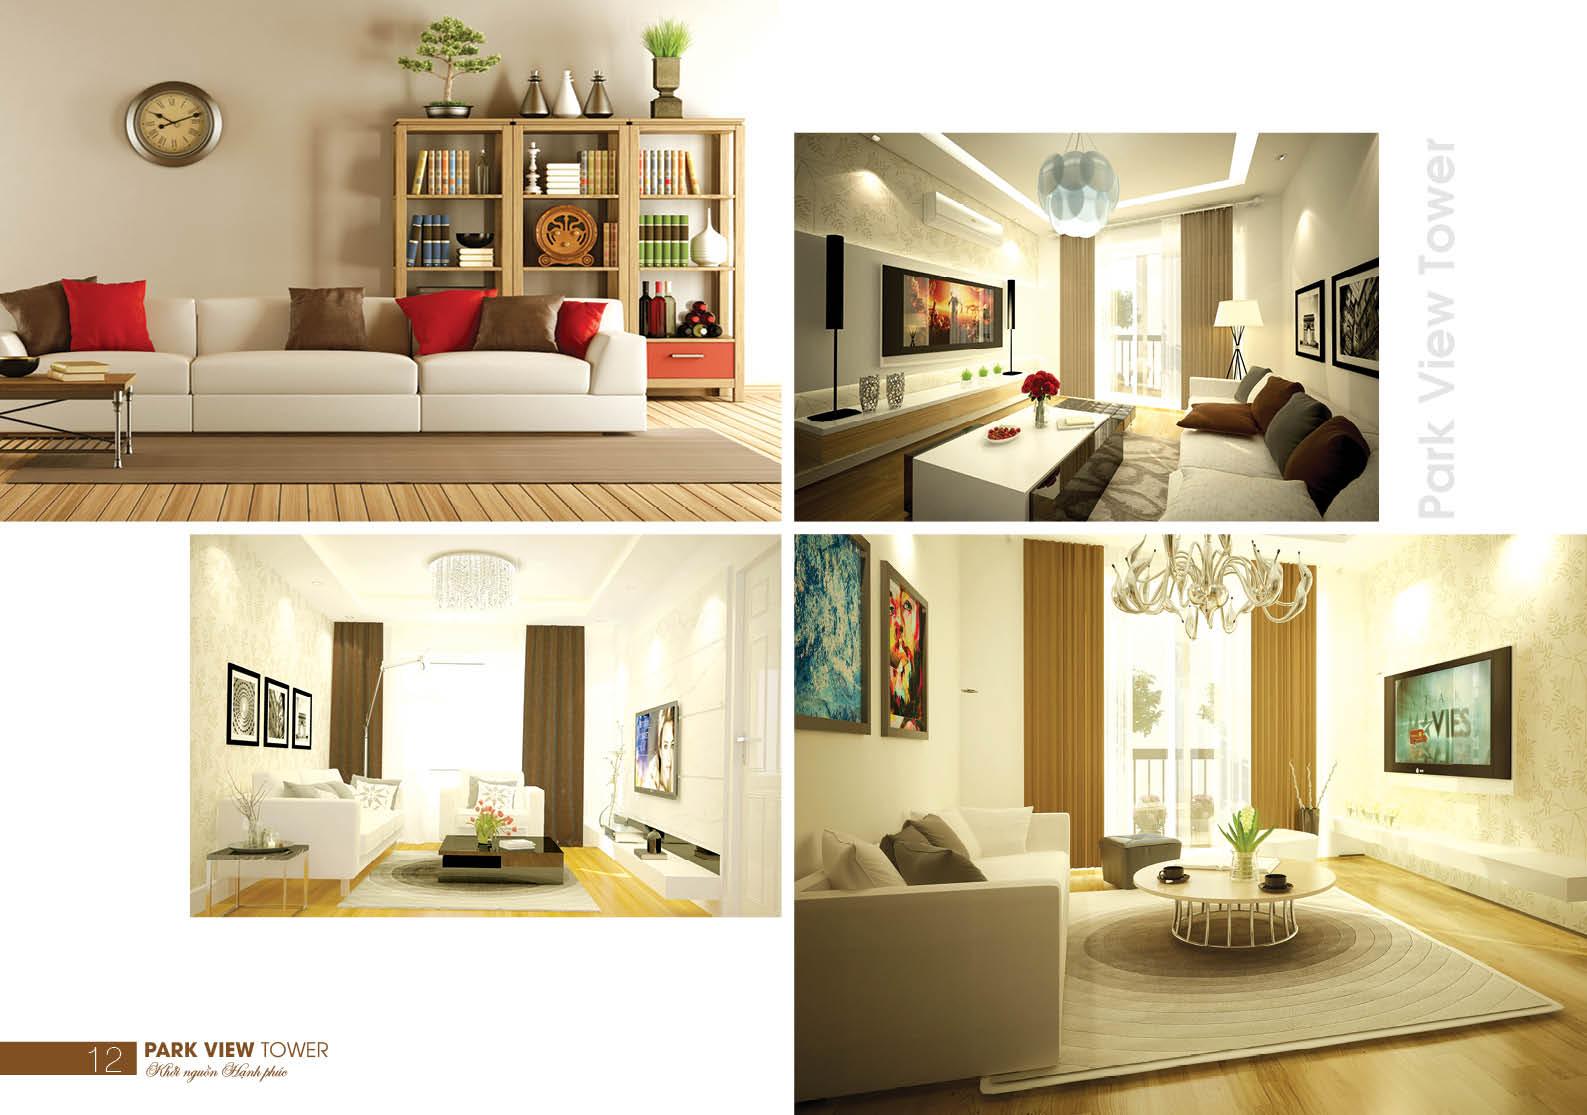 Chung cư Đồng Phát Park View quận Hoàng Mai - Phối cảnh căn hộ